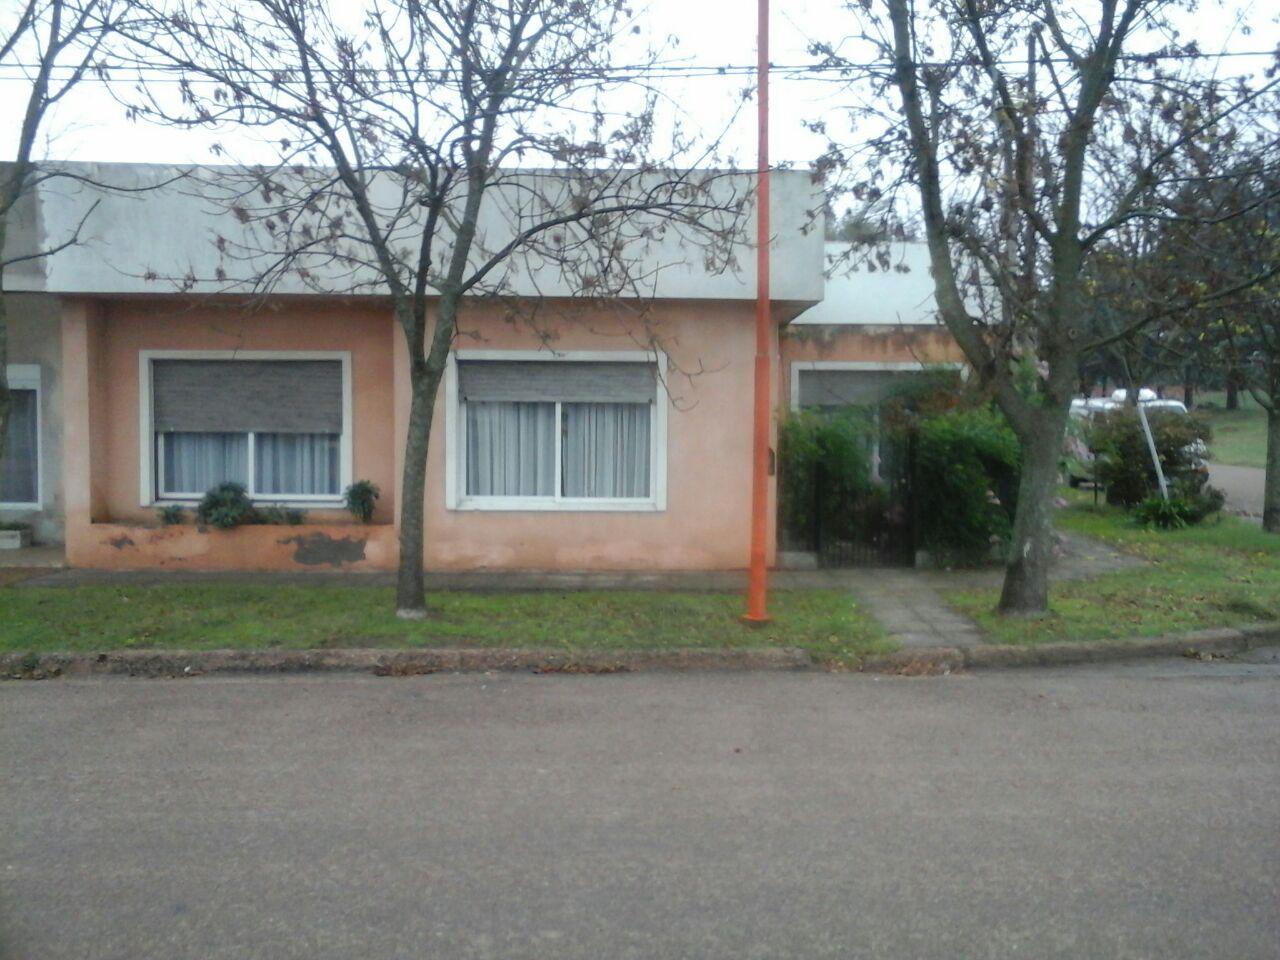 CASA CON GALPÓN EN HERMOSA Y SOLEADA UBICACIÓN